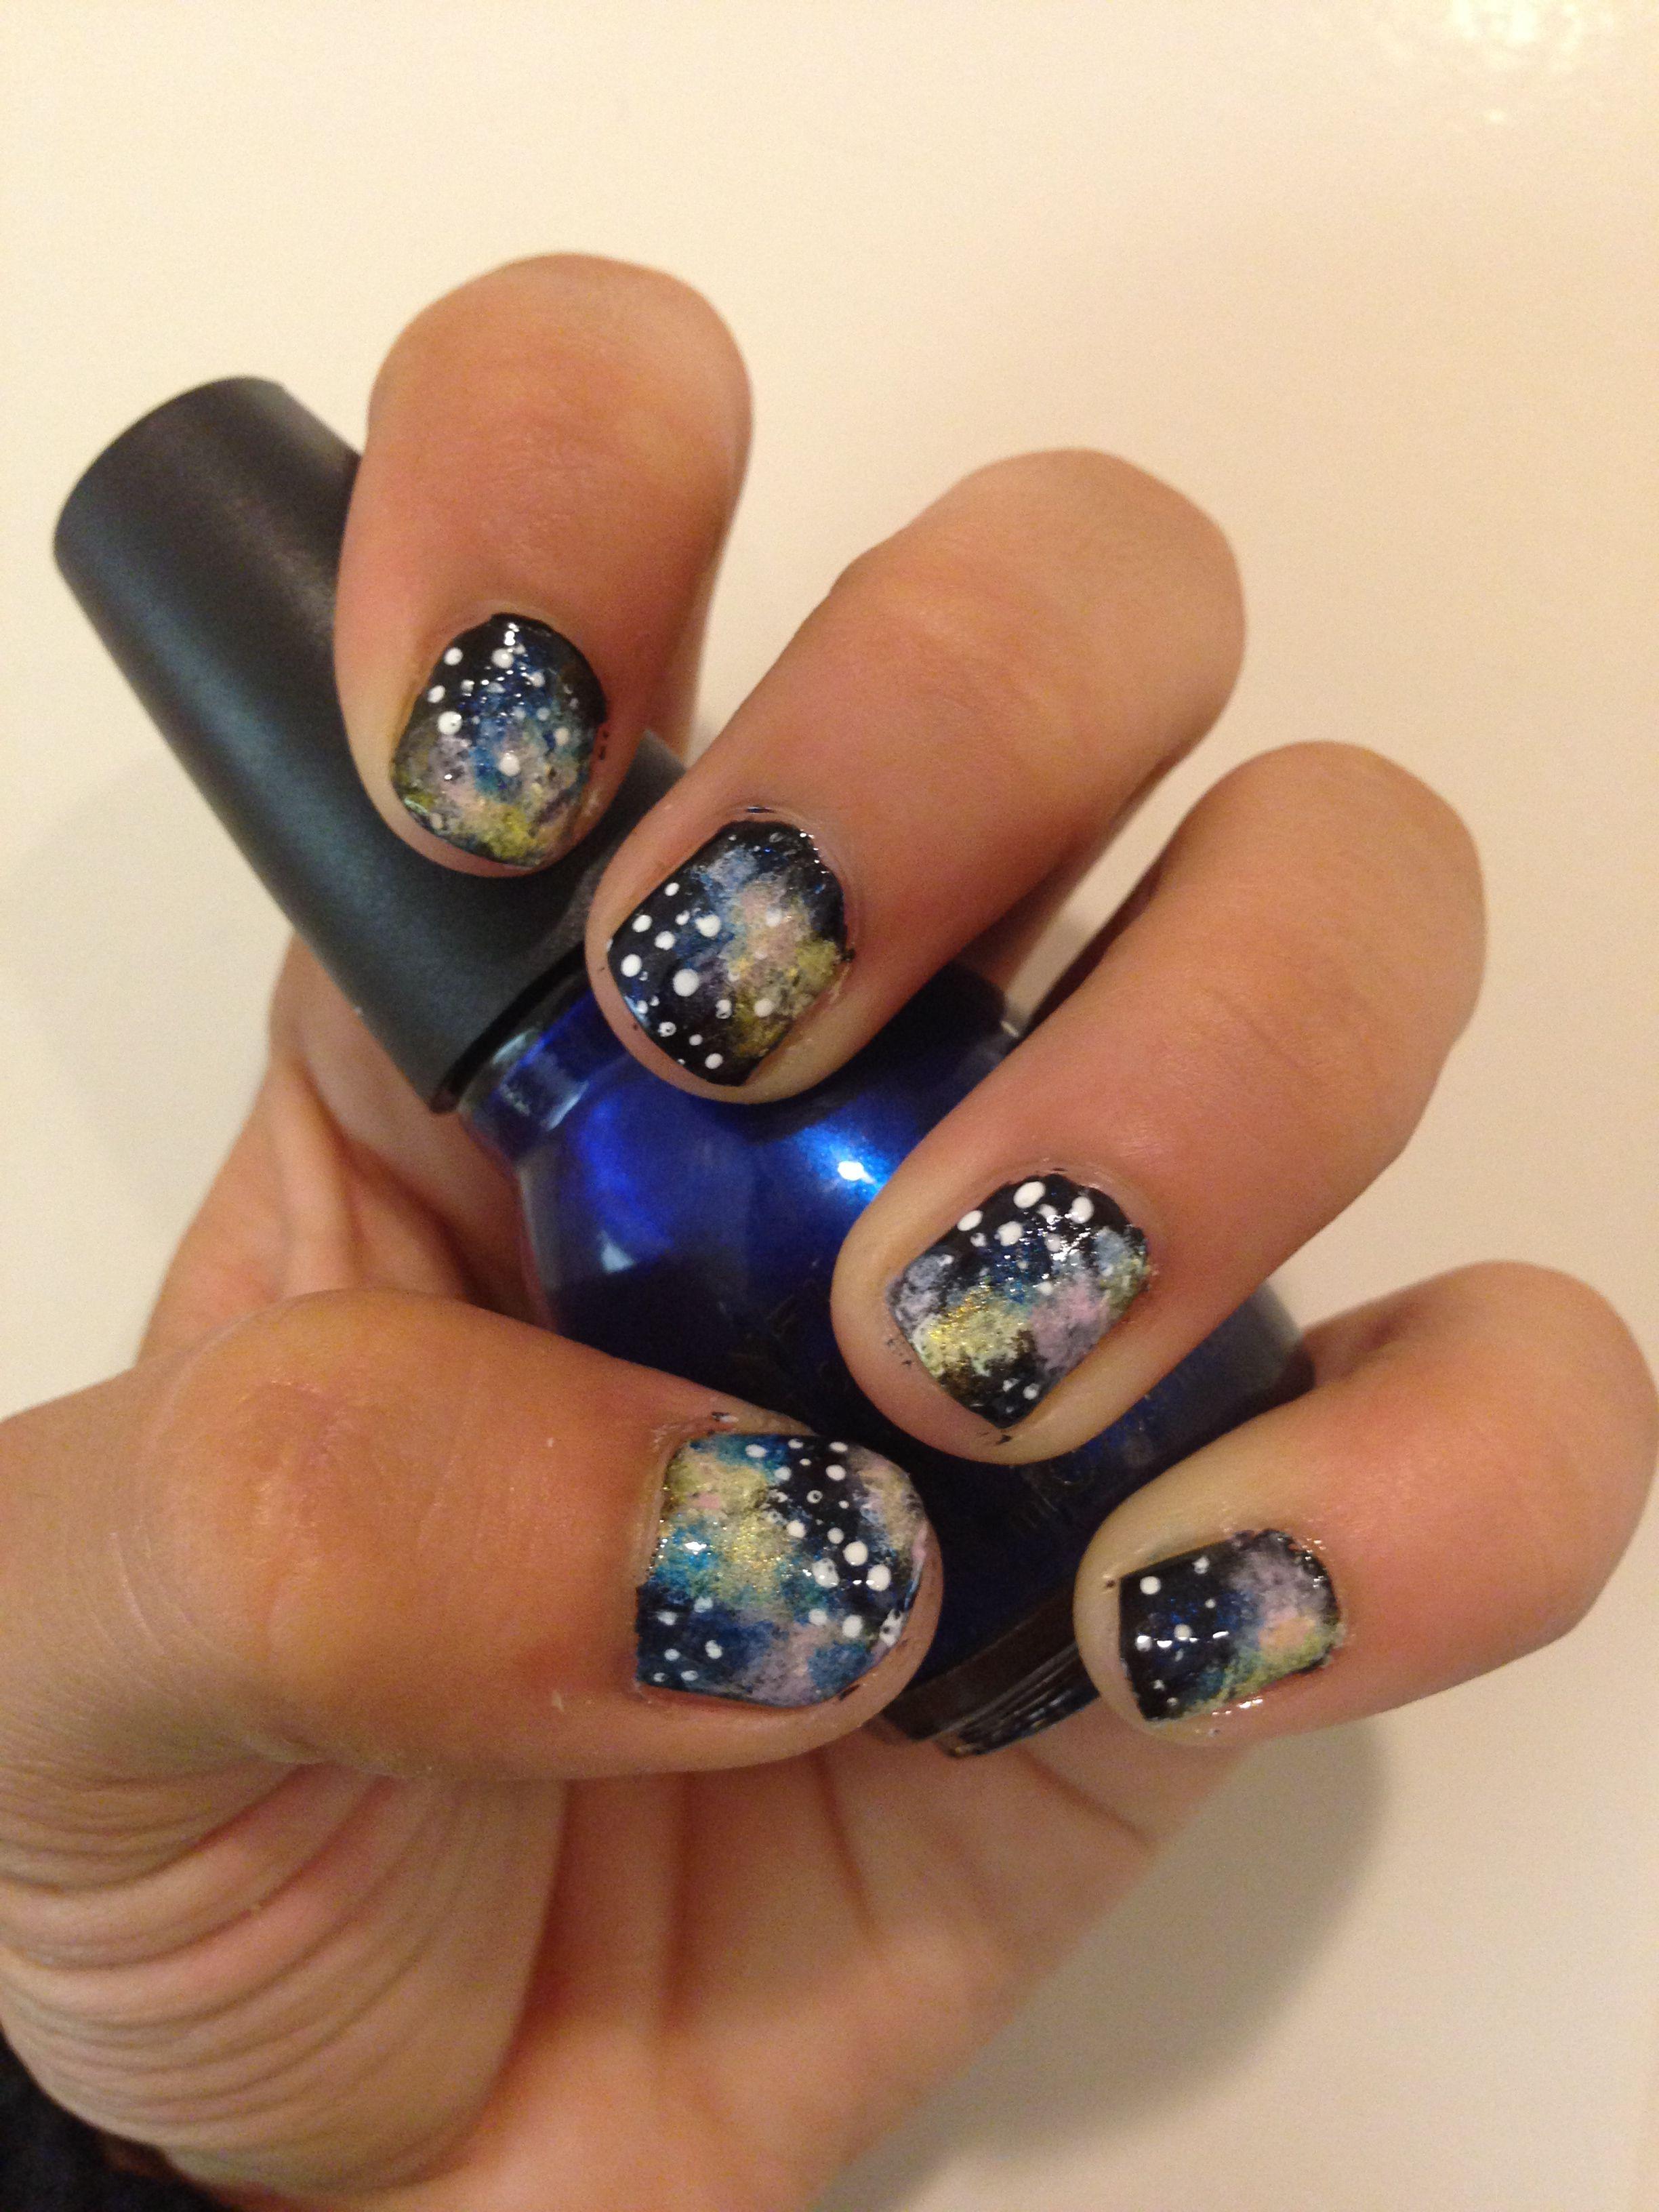 DIY galaxy nails :D